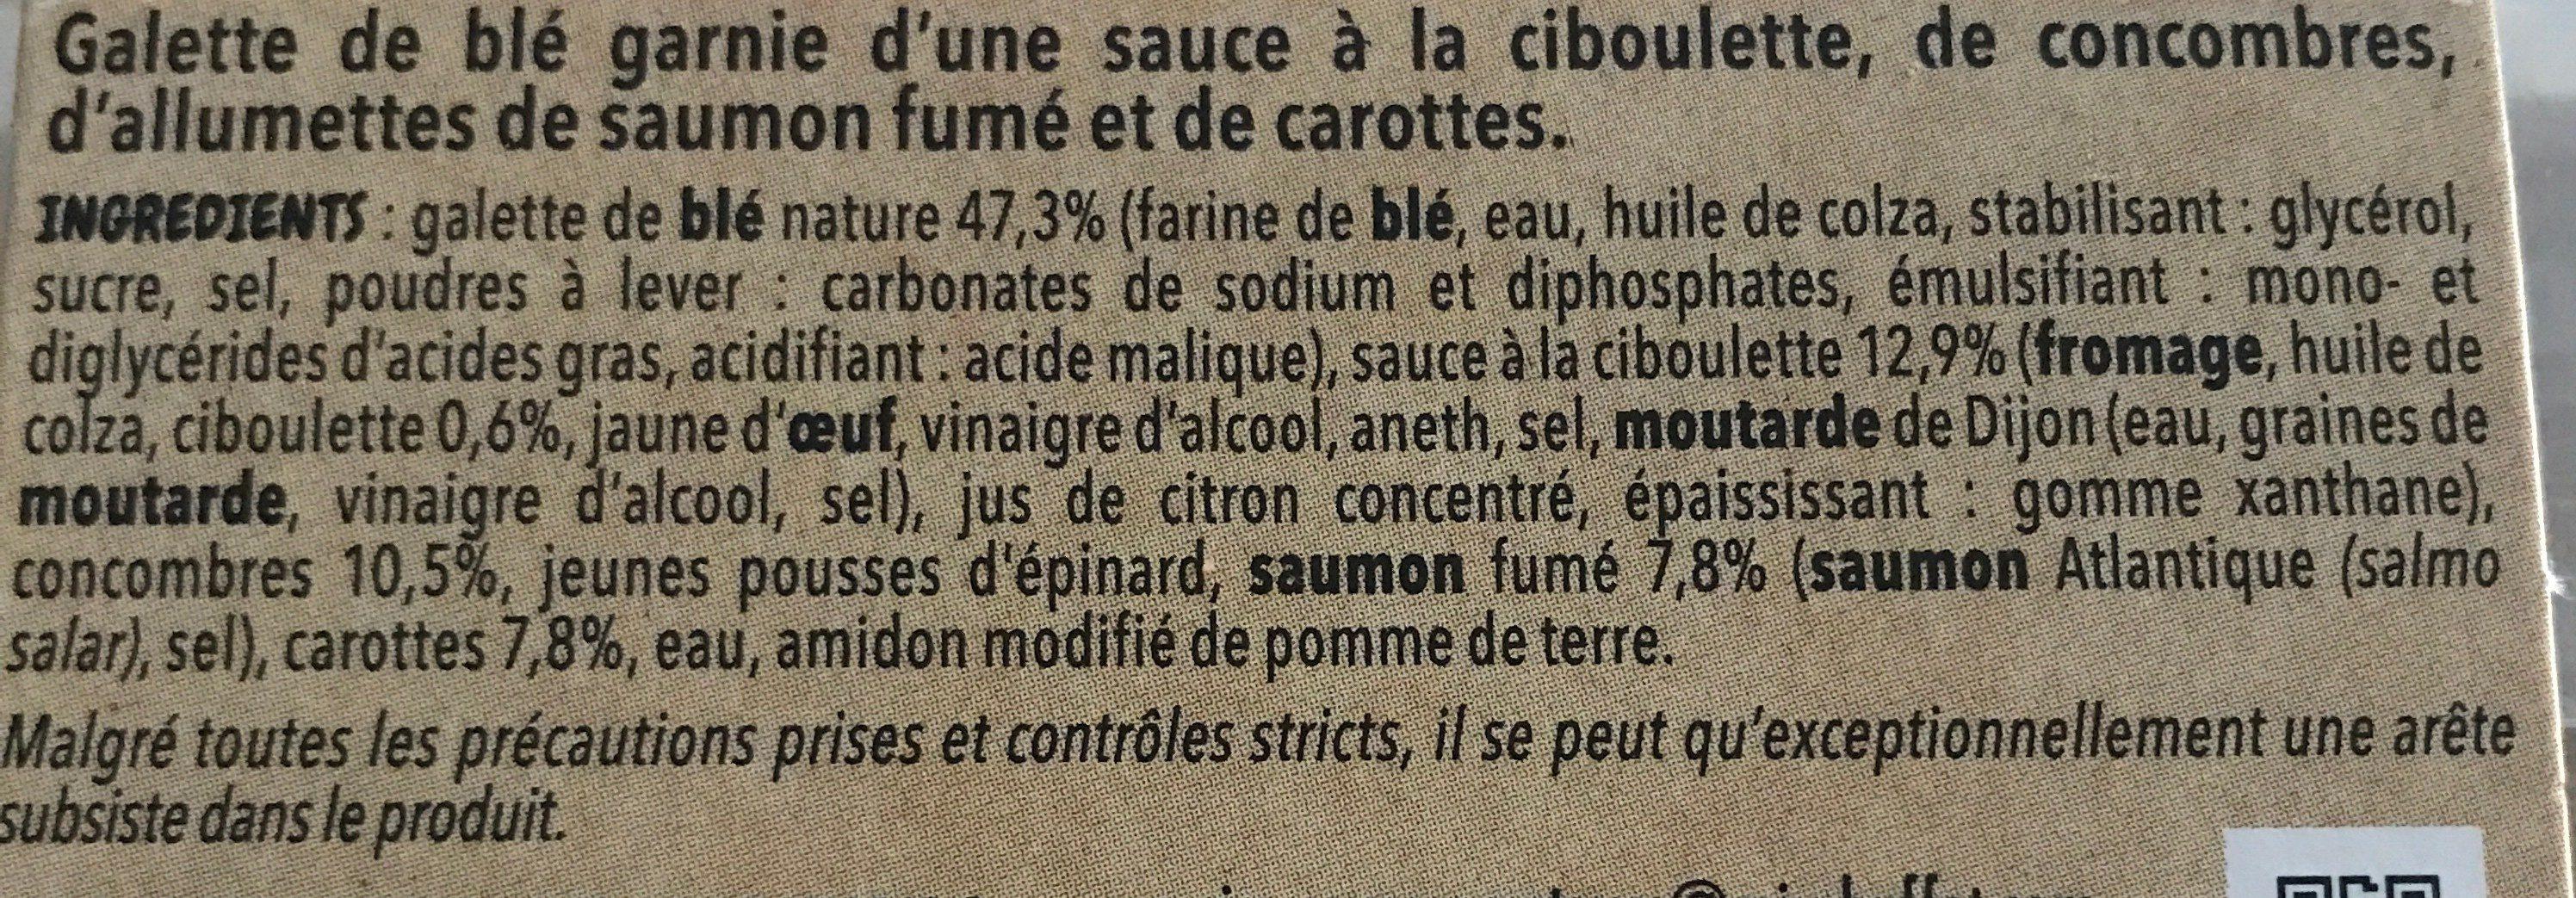 Wrap saumon fumé - Ingrédients - fr